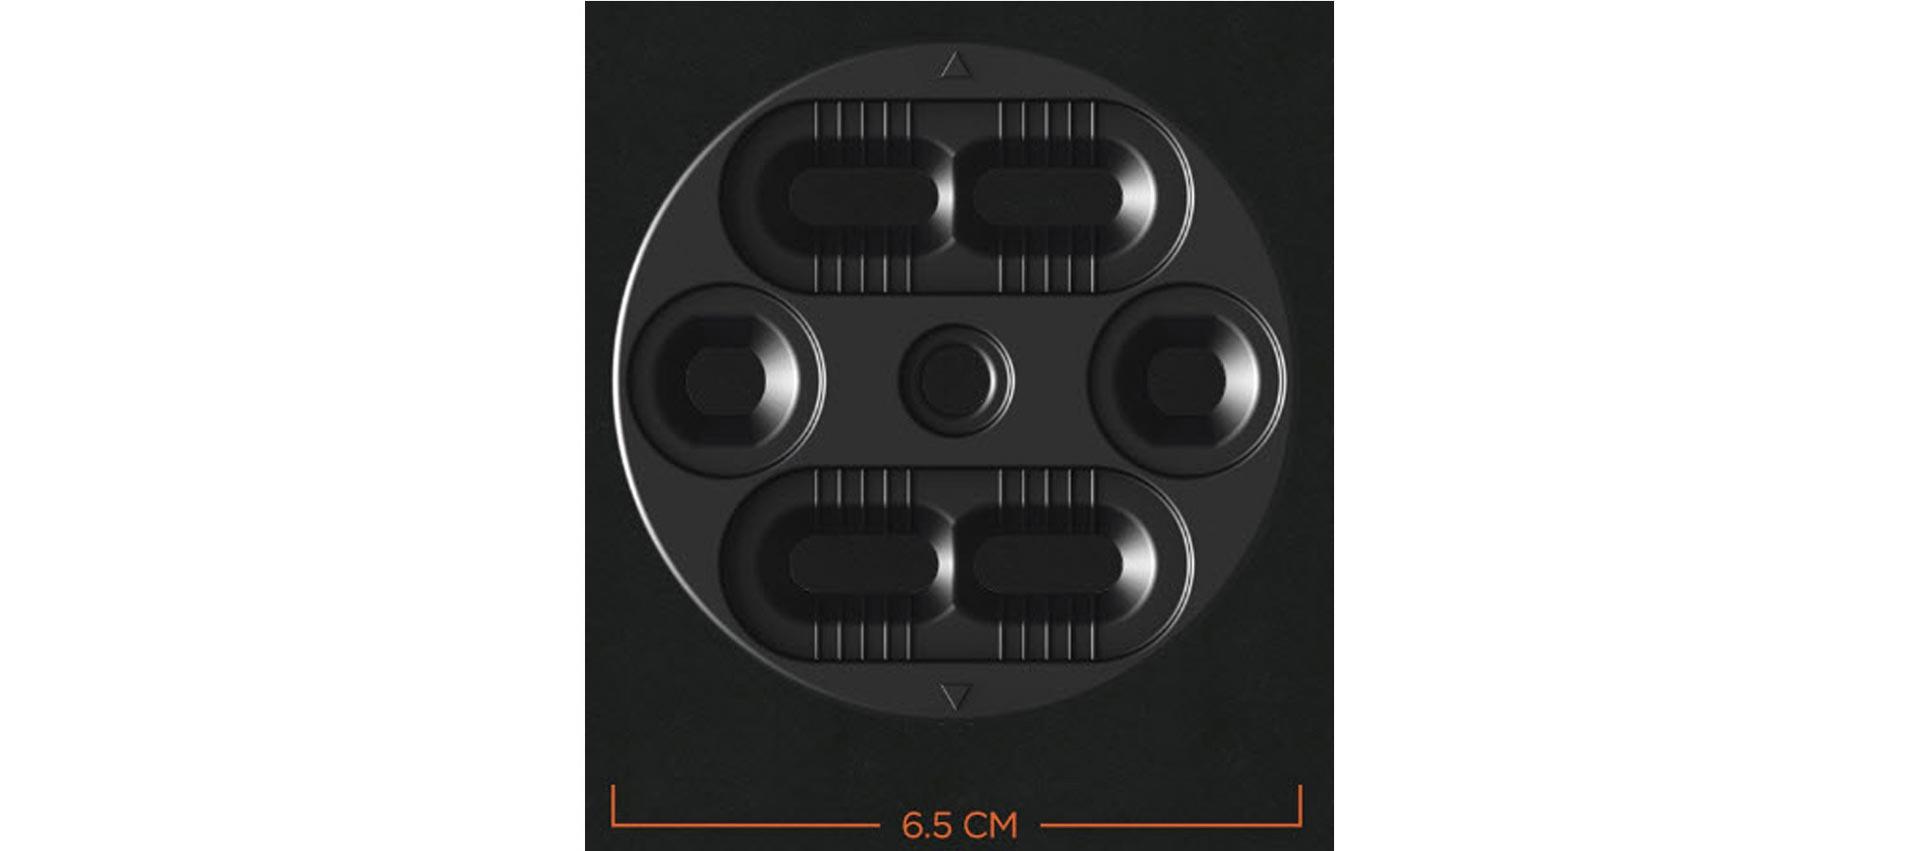 Die Mini Disk Base verstärkt den natürlichen Flex des Boards und unterstützt somit deutlich die Performance und Langlebigkeit des gesamten Setups.